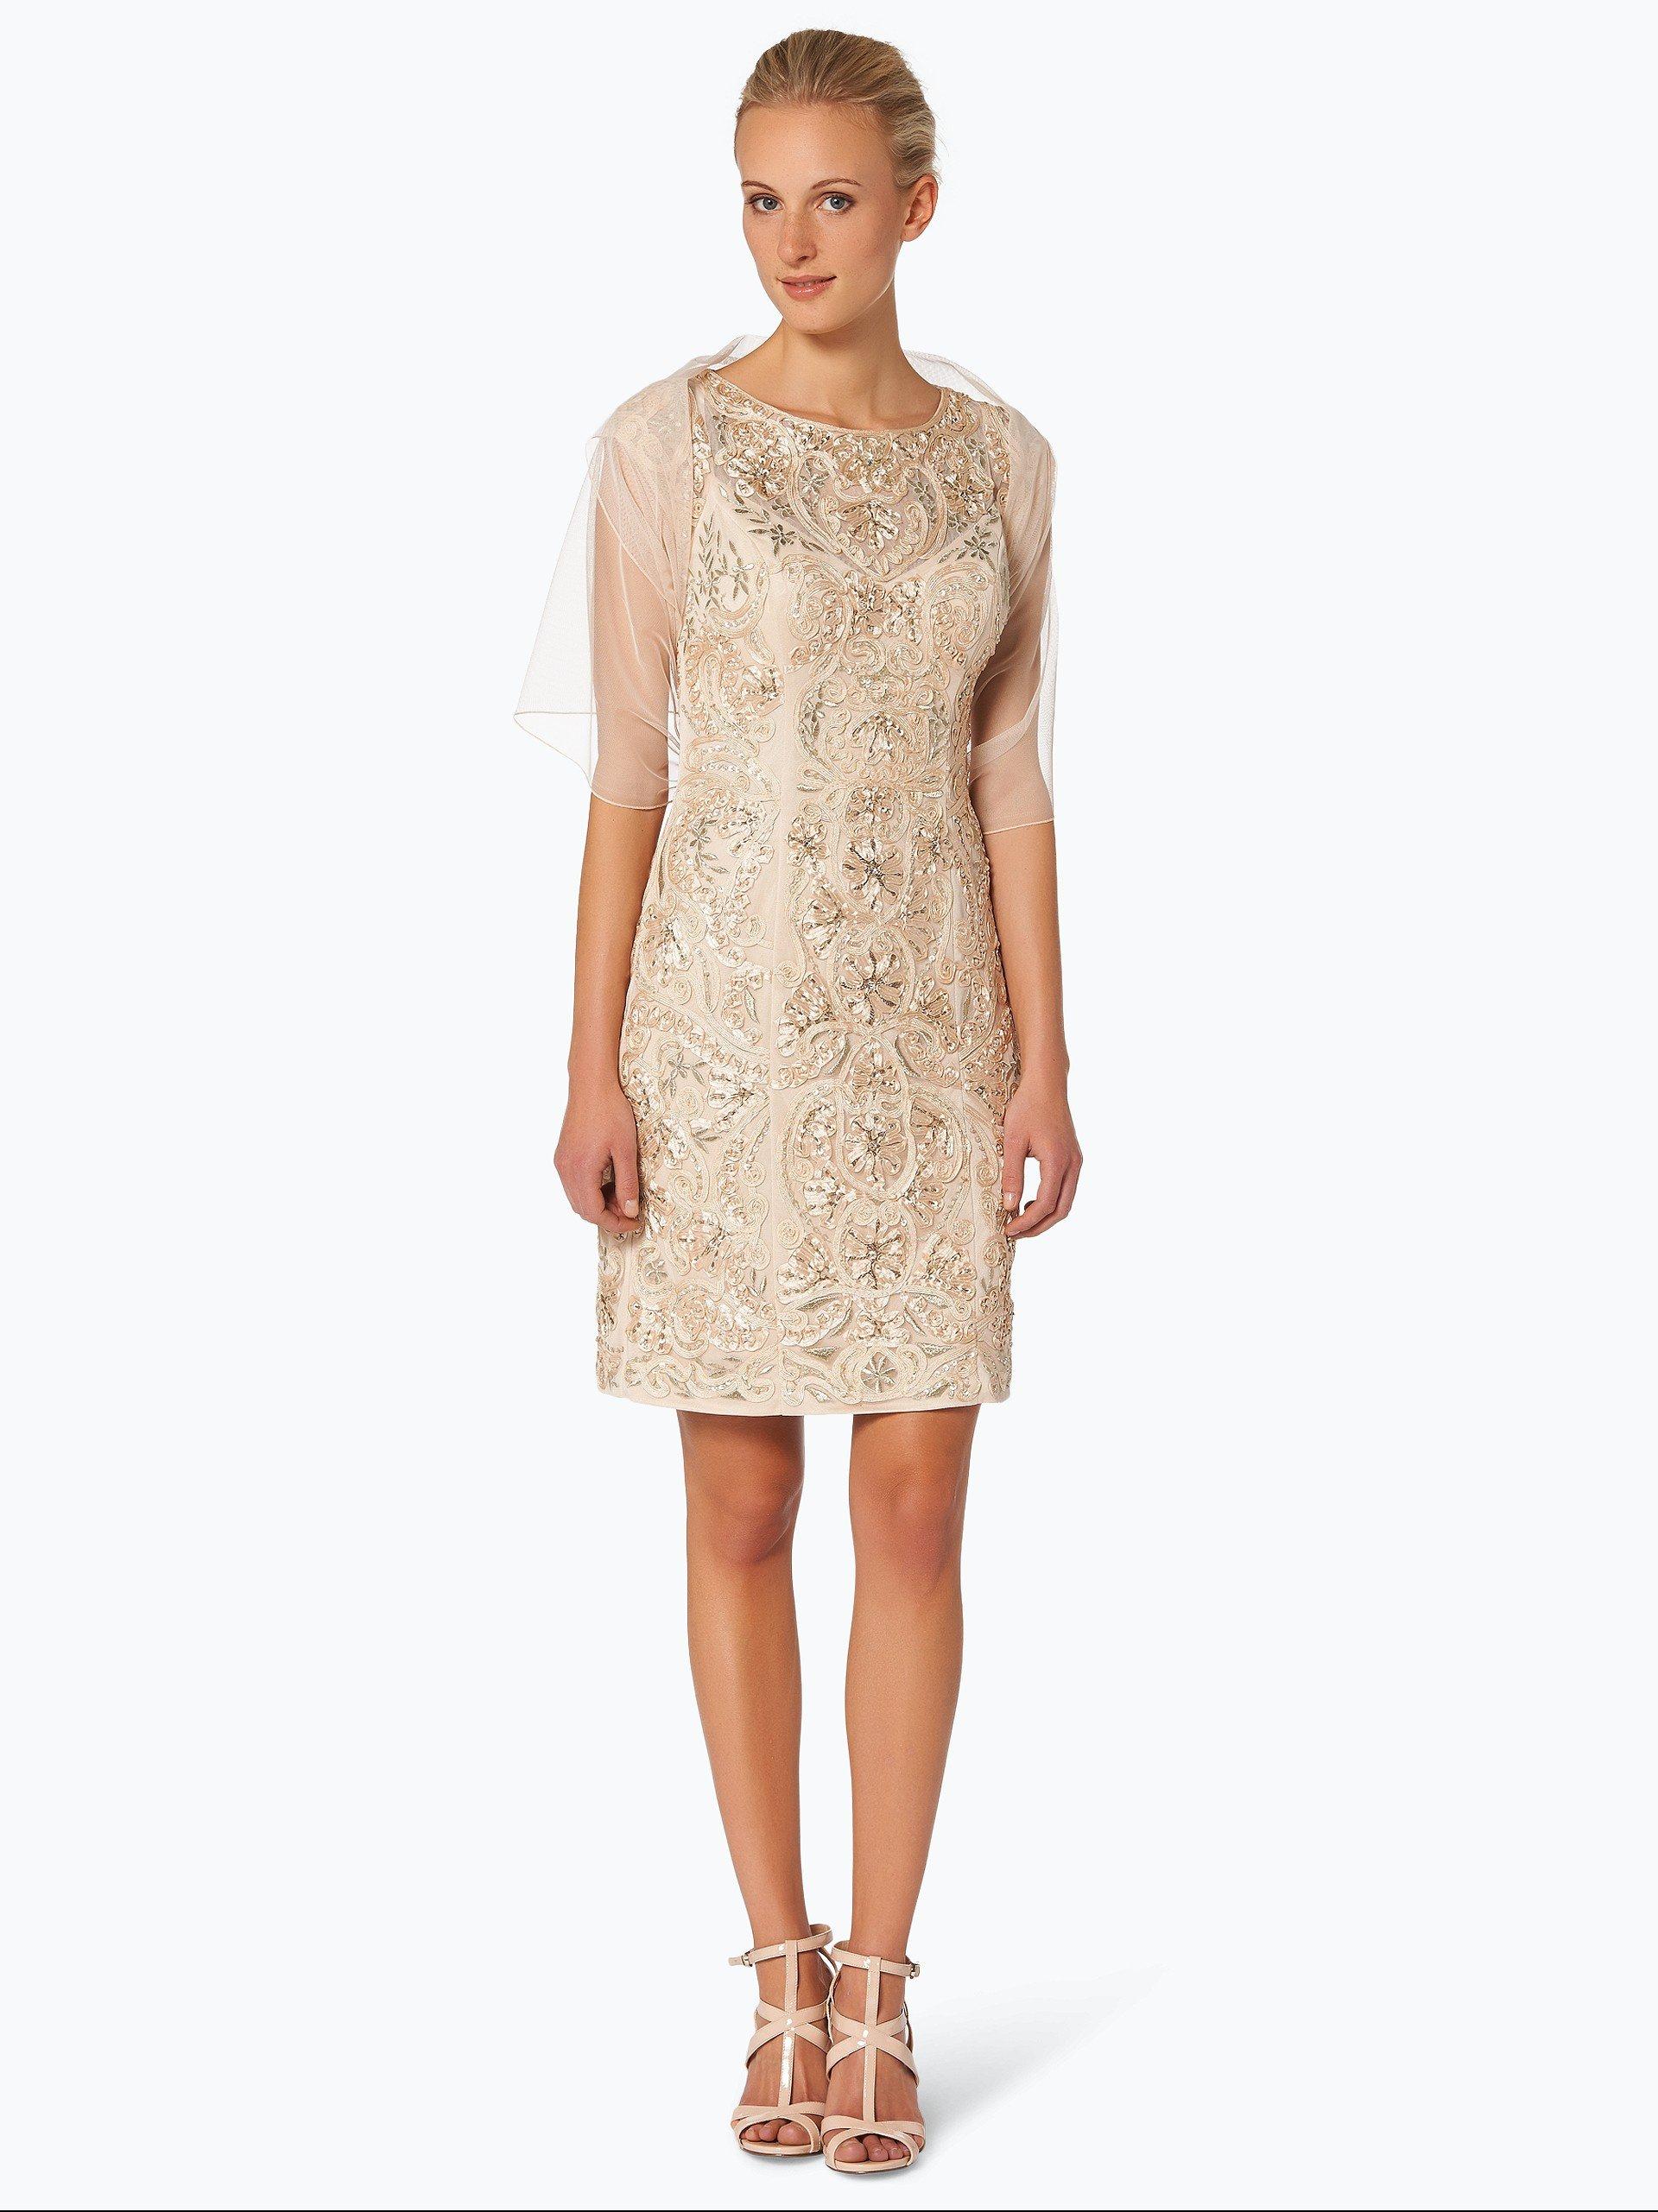 Niente Damen Abendkleid mit Stola beige uni online kaufen   VANGRAAF.COM